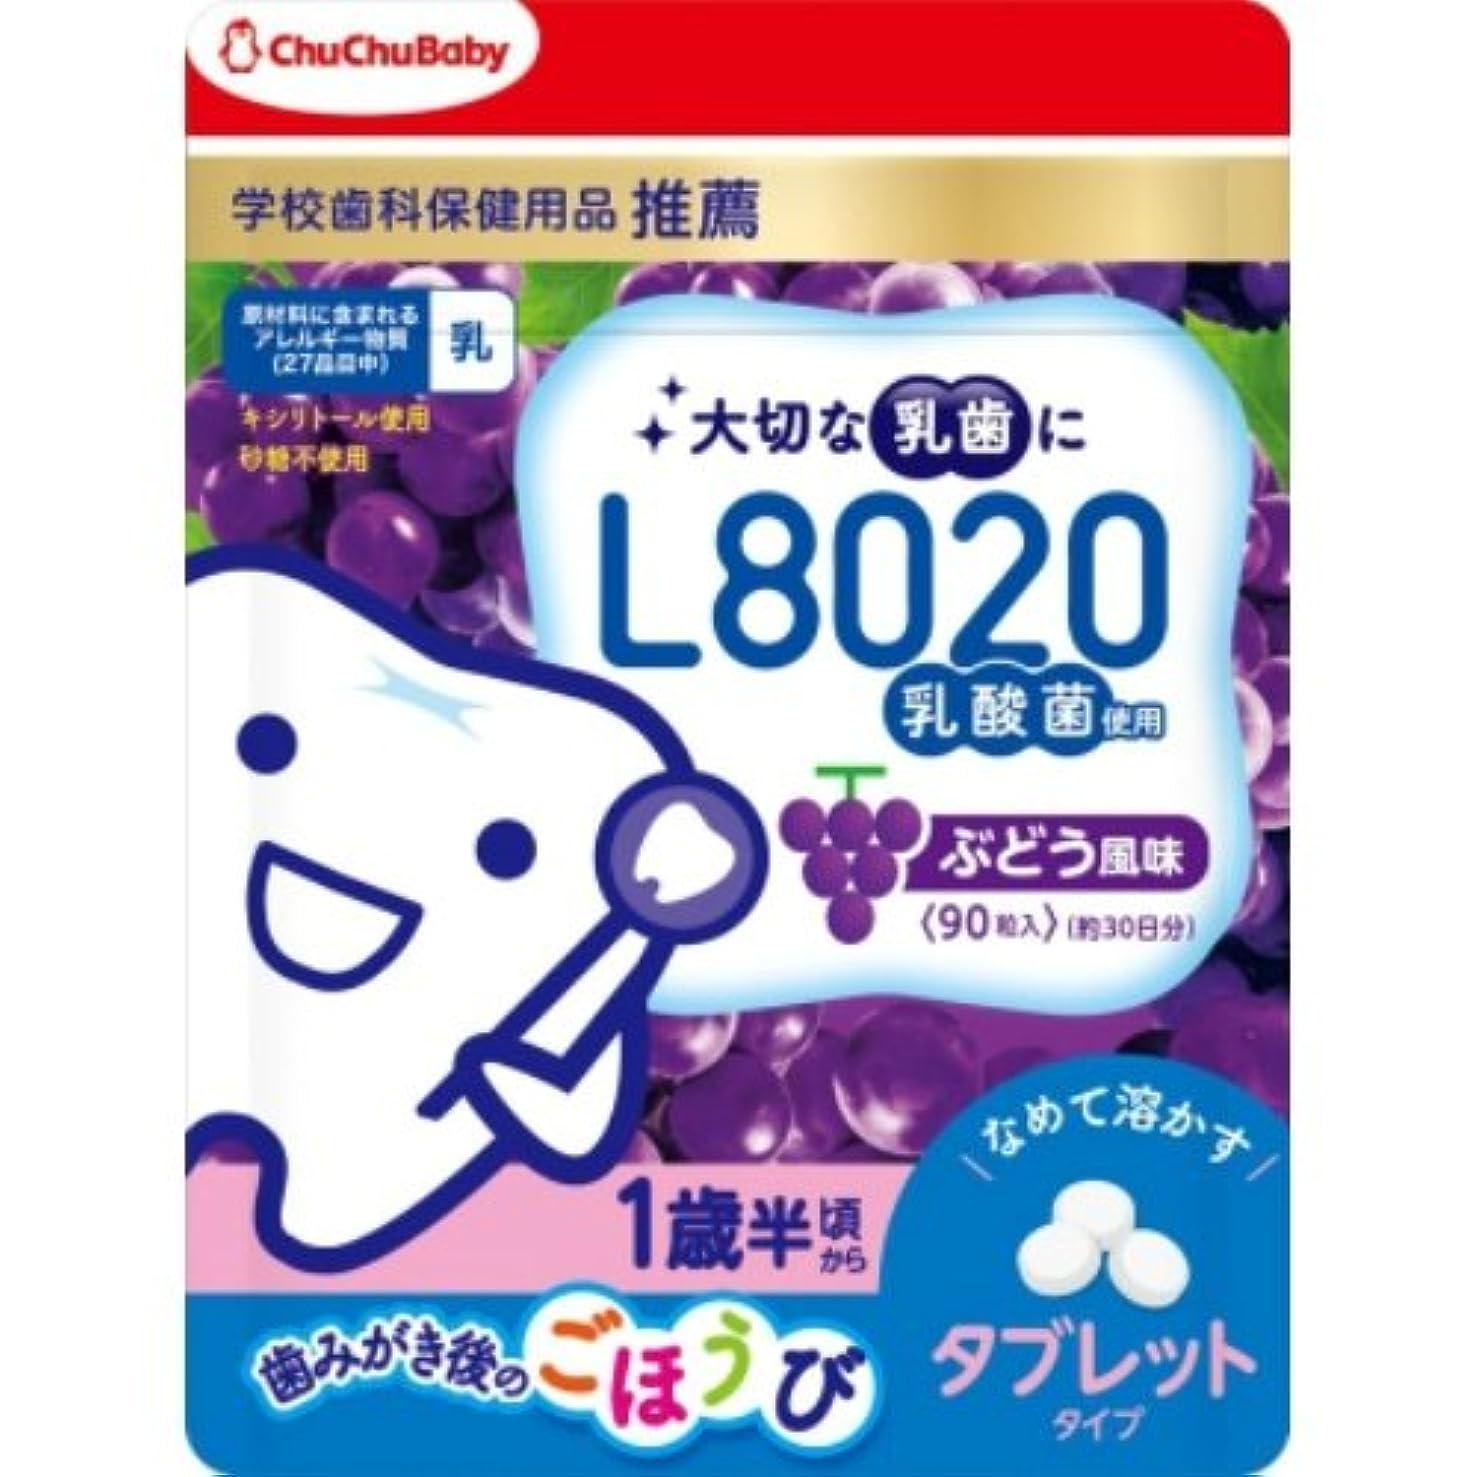 刺繍粗いこっそりL8020乳酸菌チュチュベビータブレットぶどう風味 × 5個セット